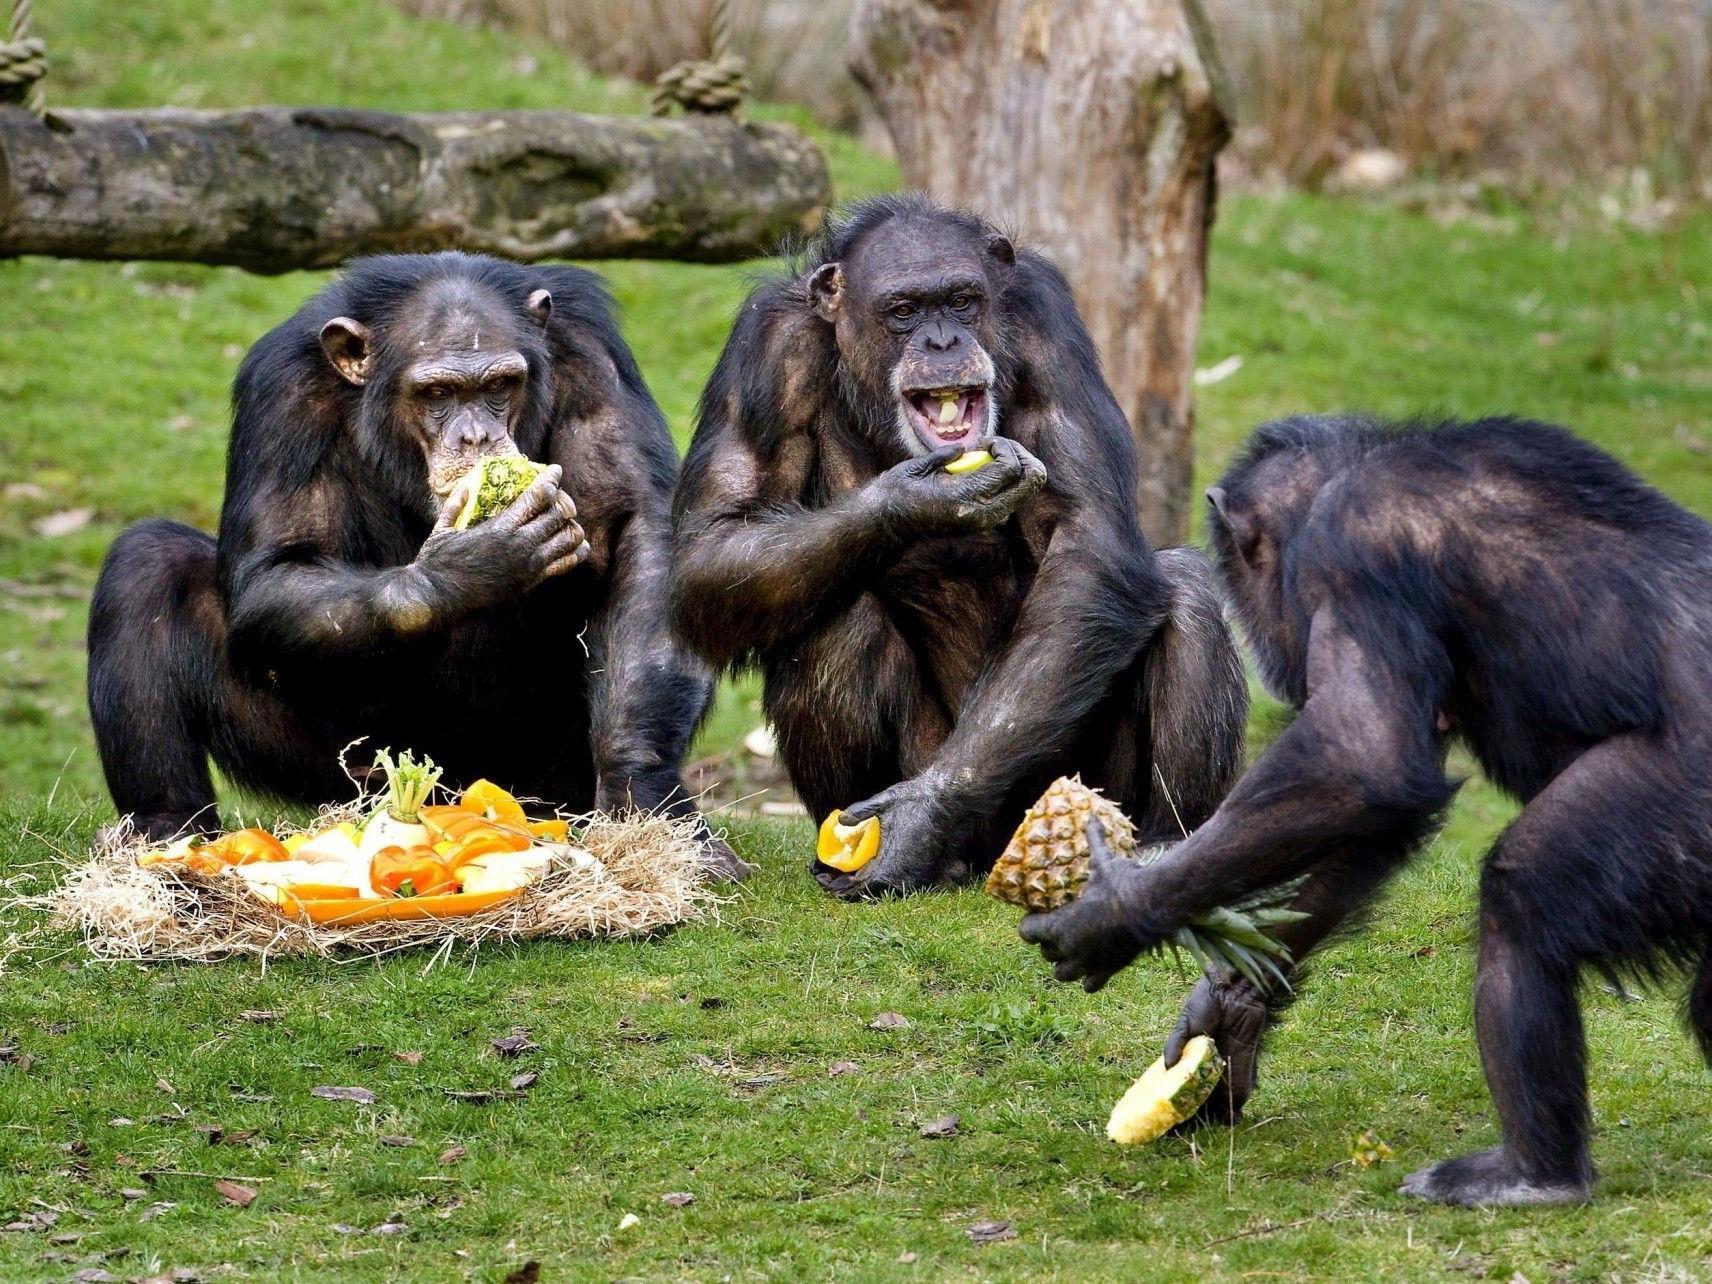 Wenn Schimpansen von einem Artgenossen bestohlen werden, wehren sie sich und bestrafen den Missetäter.